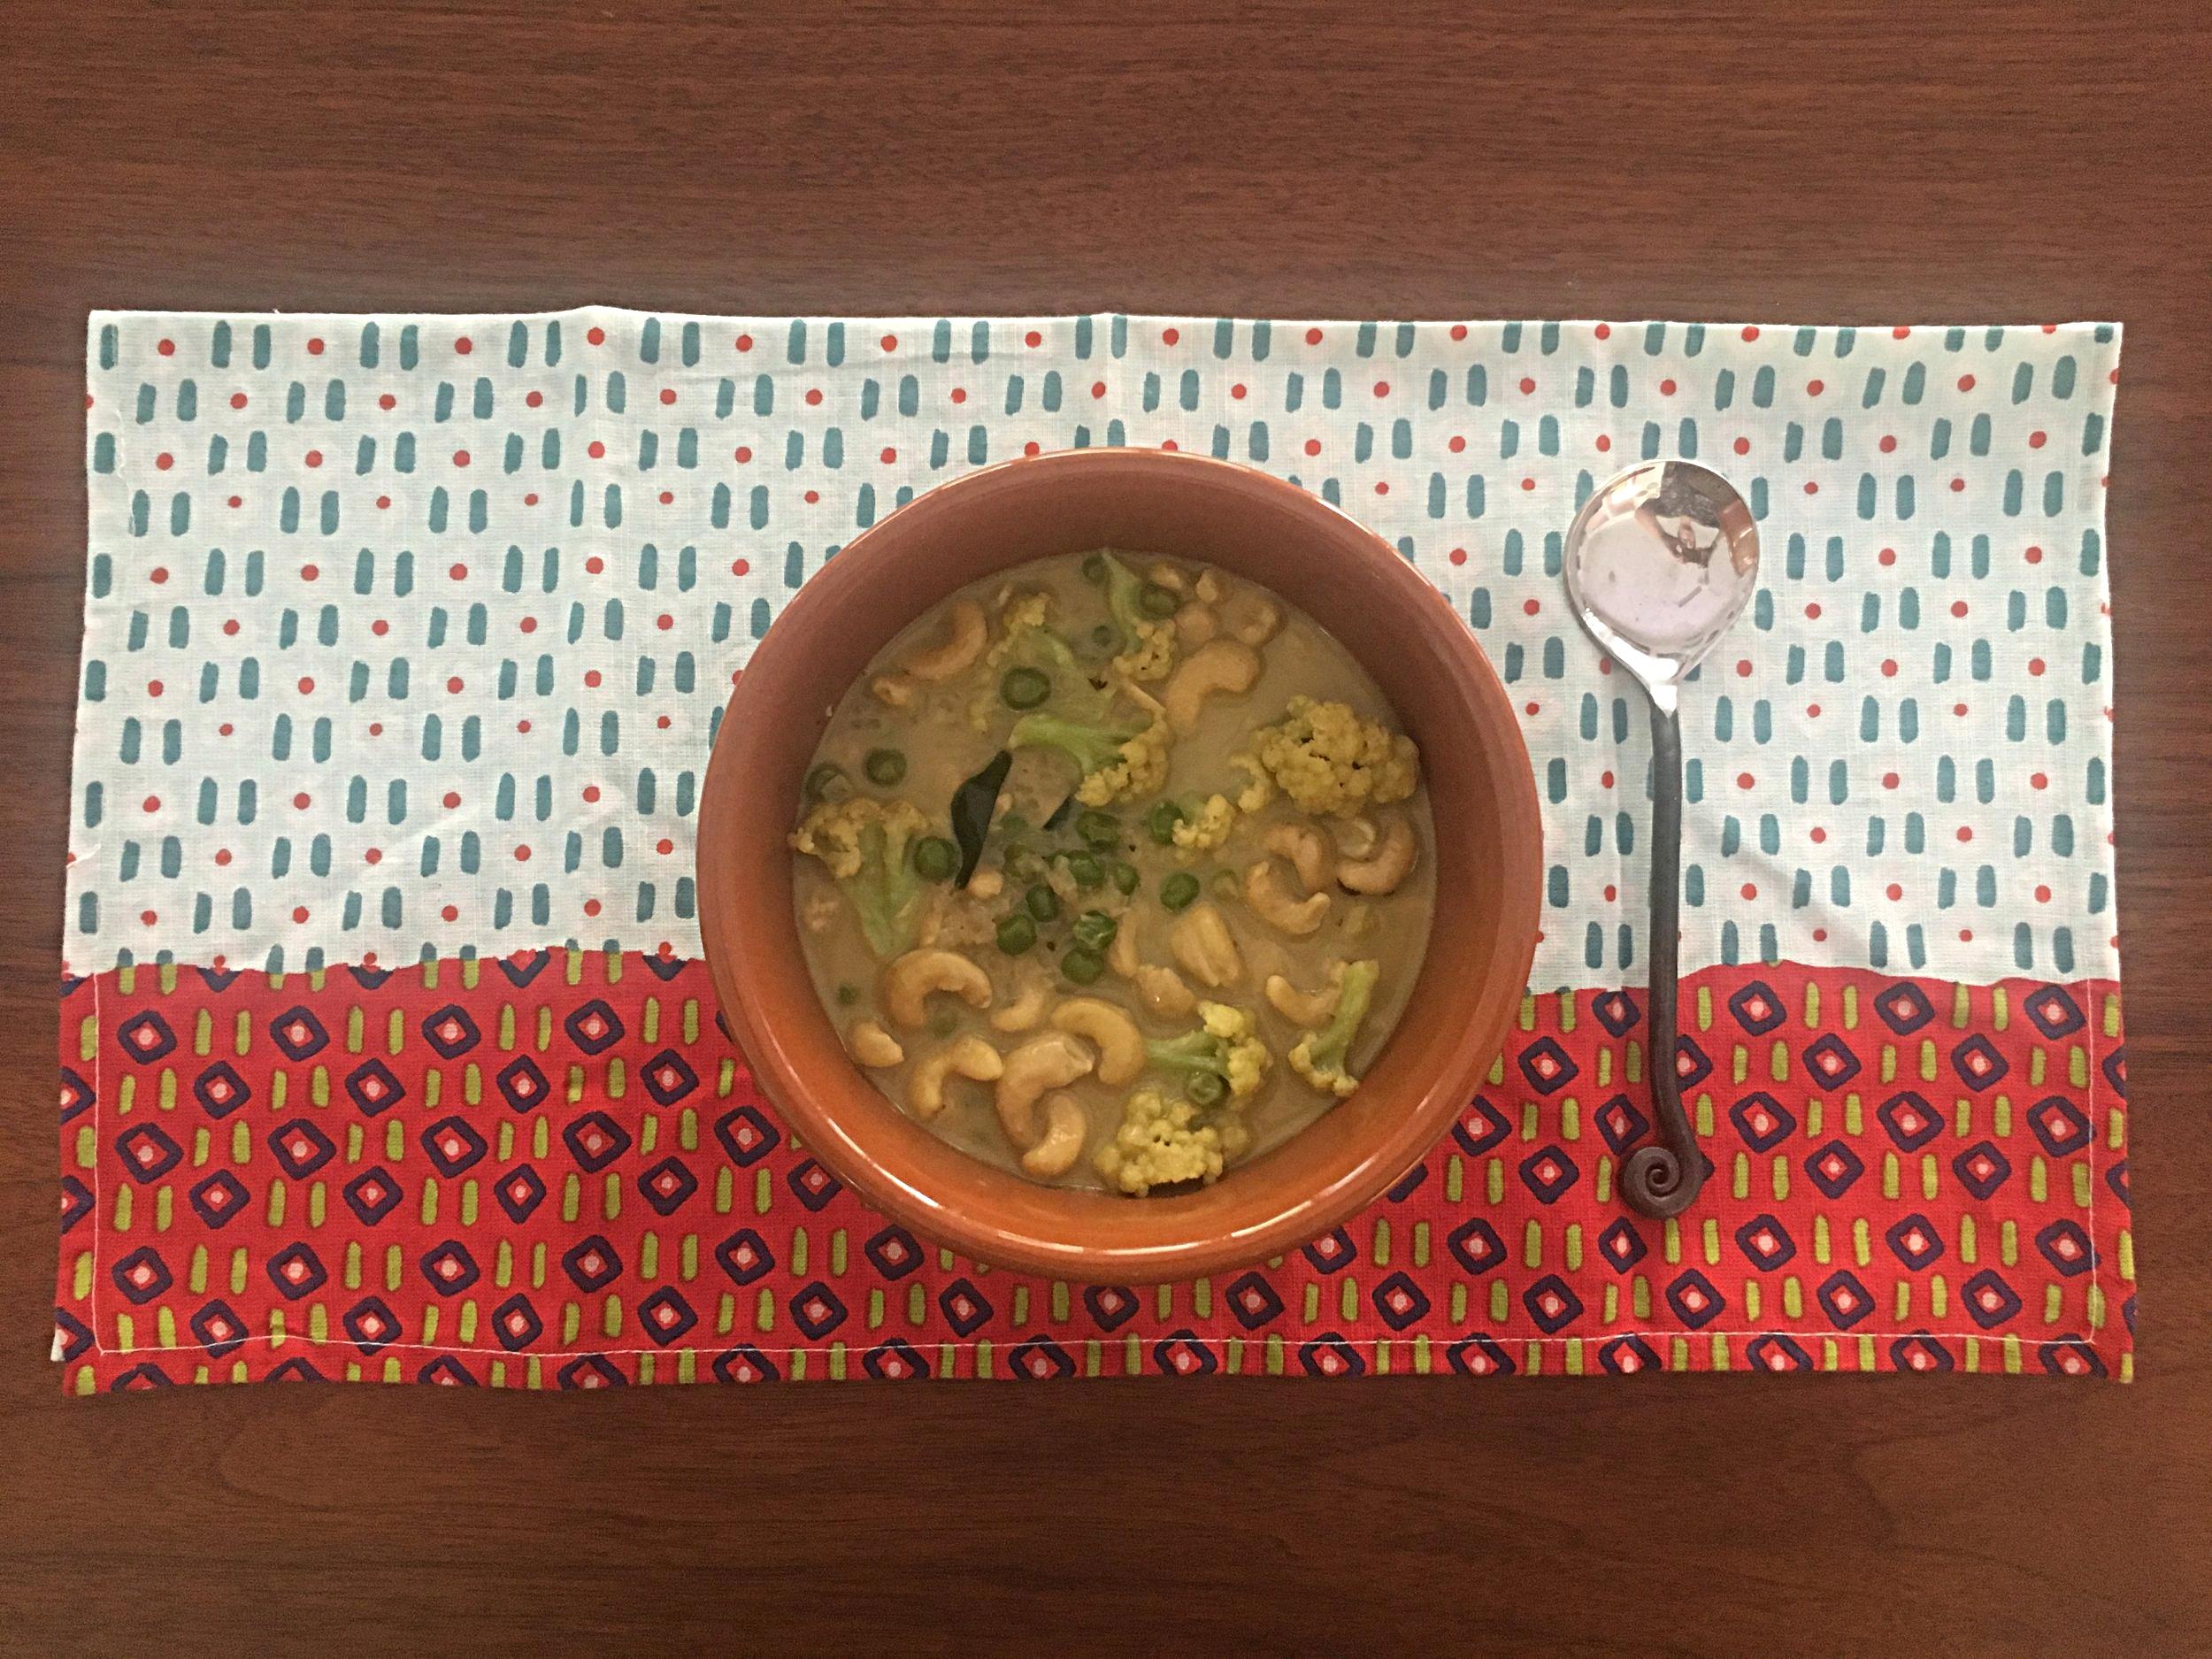 É uma receita simples e rápida de fazer, comparada aos outros pratos típicos que compõem o Arroz com Curry completo. Saborosa na medida certa, não apimentada, te satisfaz completamente num almoço, acompanhando arroz integral ou vermelho (o tipo que se consome diariamente aqui no Sri Lanka).